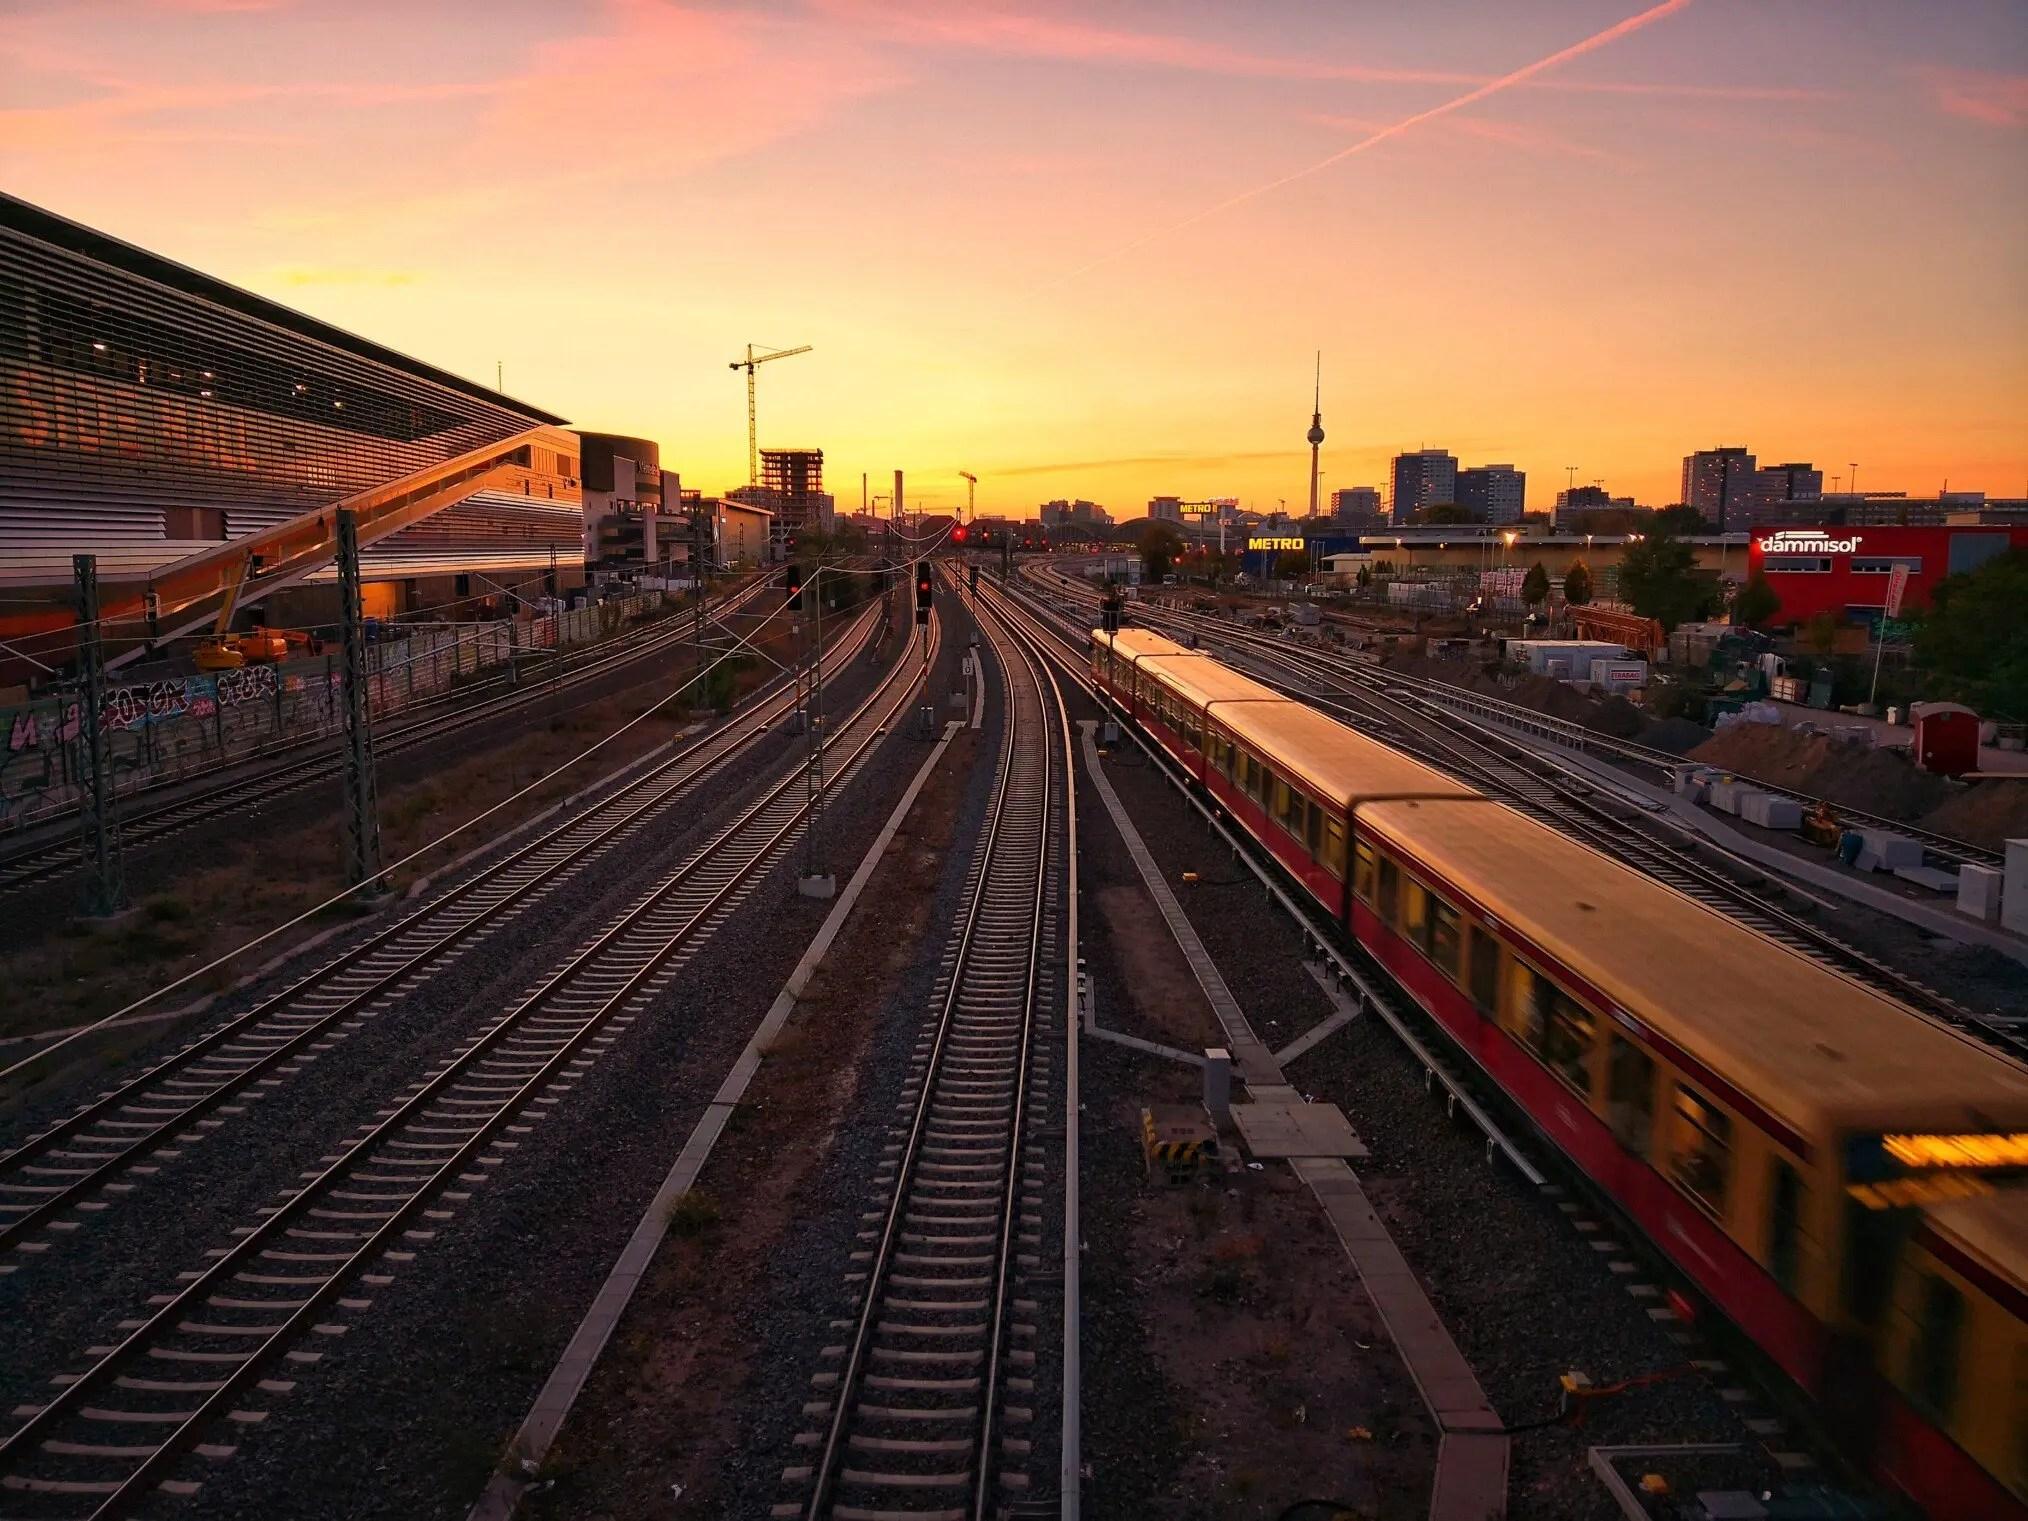 Estacion de trenes en Berlin